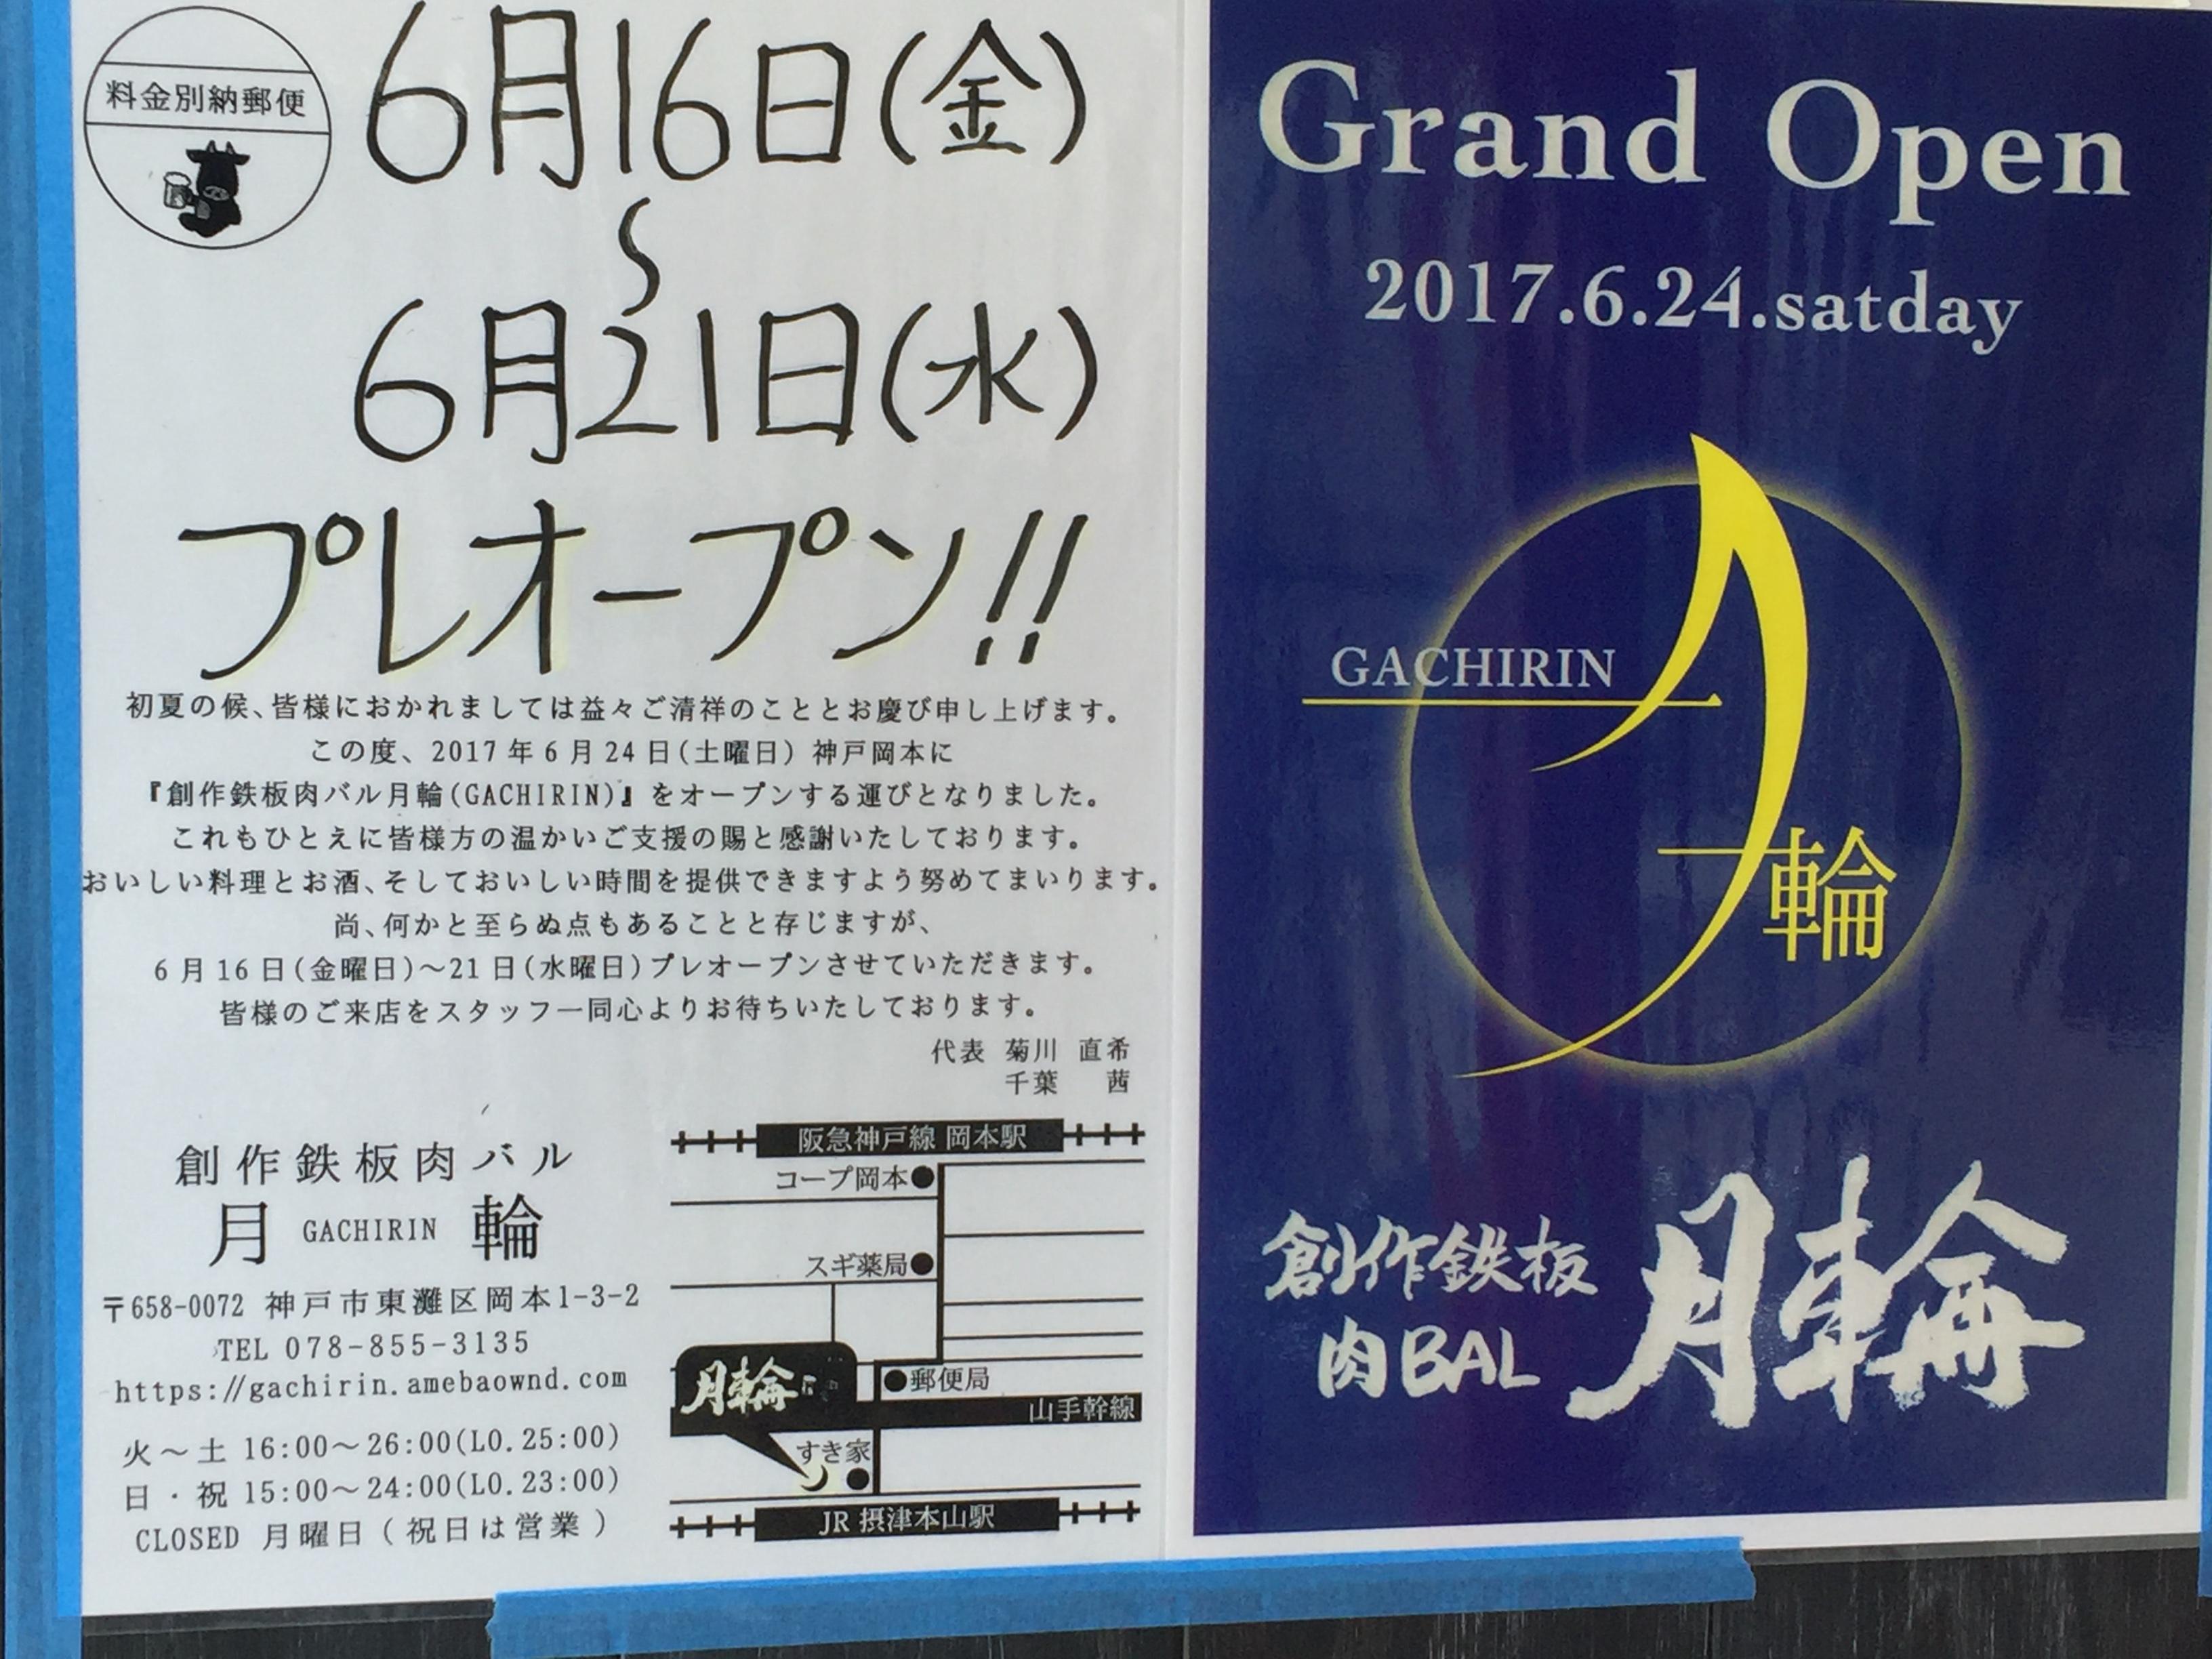 神戸・JR摂津本山駅すぐ西に「創作鉄板肉バル 月輪(GACHIRIN)」が6/24にオープンするよ!【新規オープン告知】